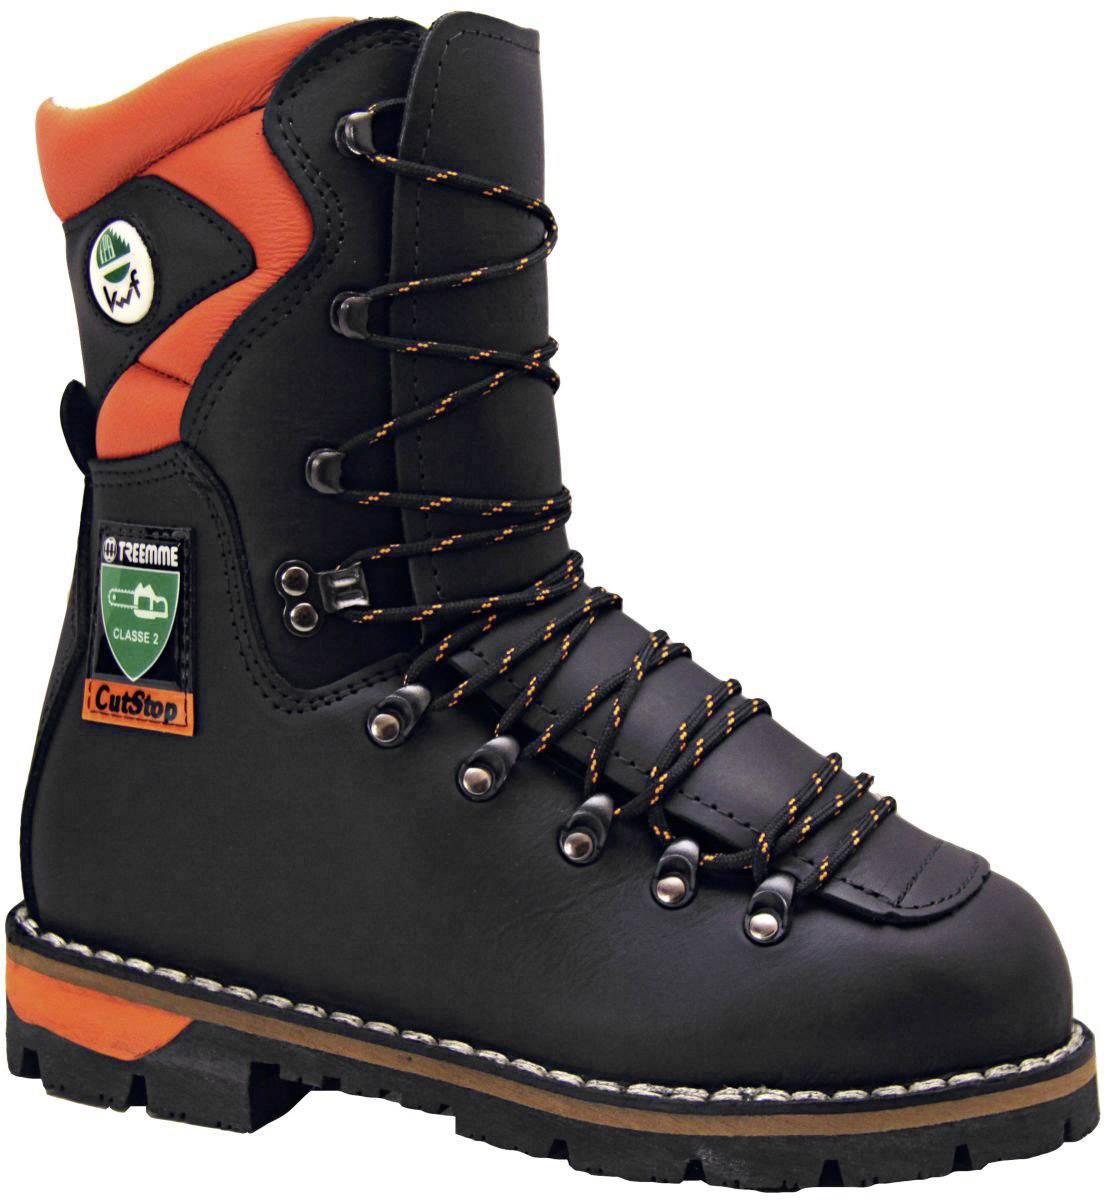 Bezpečnostná obuv s ochranou proti porezaniu S3 Treemme 2435, veľ.: 40, čierna, 1 pár